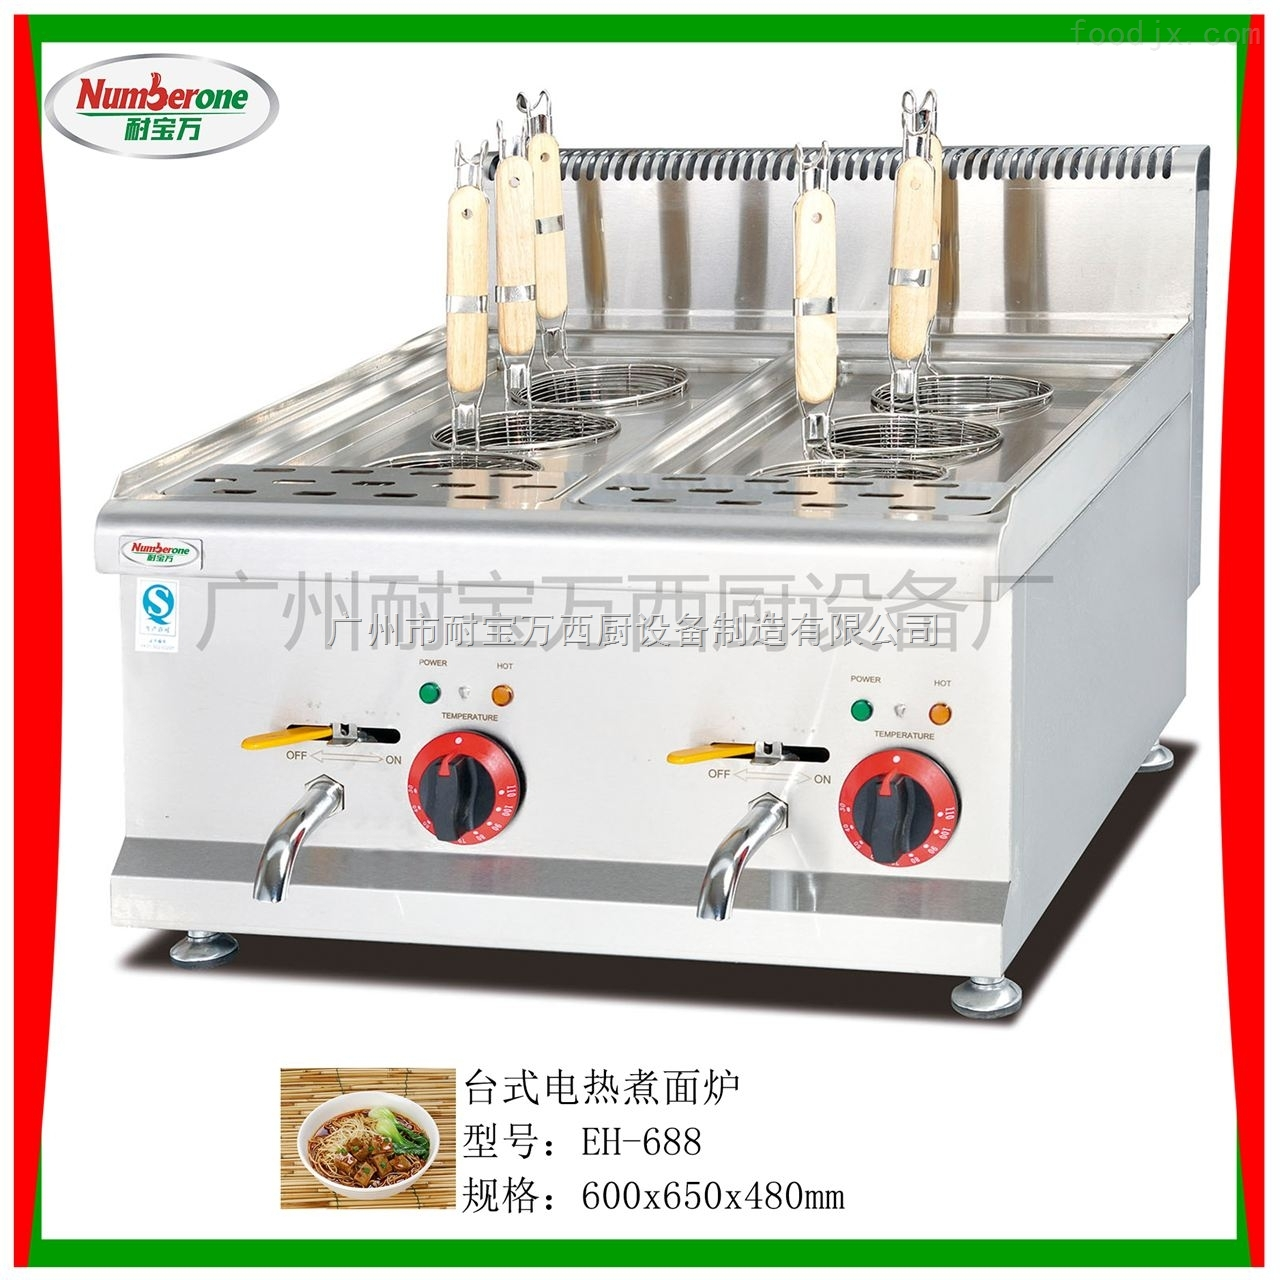 台式电热煮面机/面条机/电煮面机